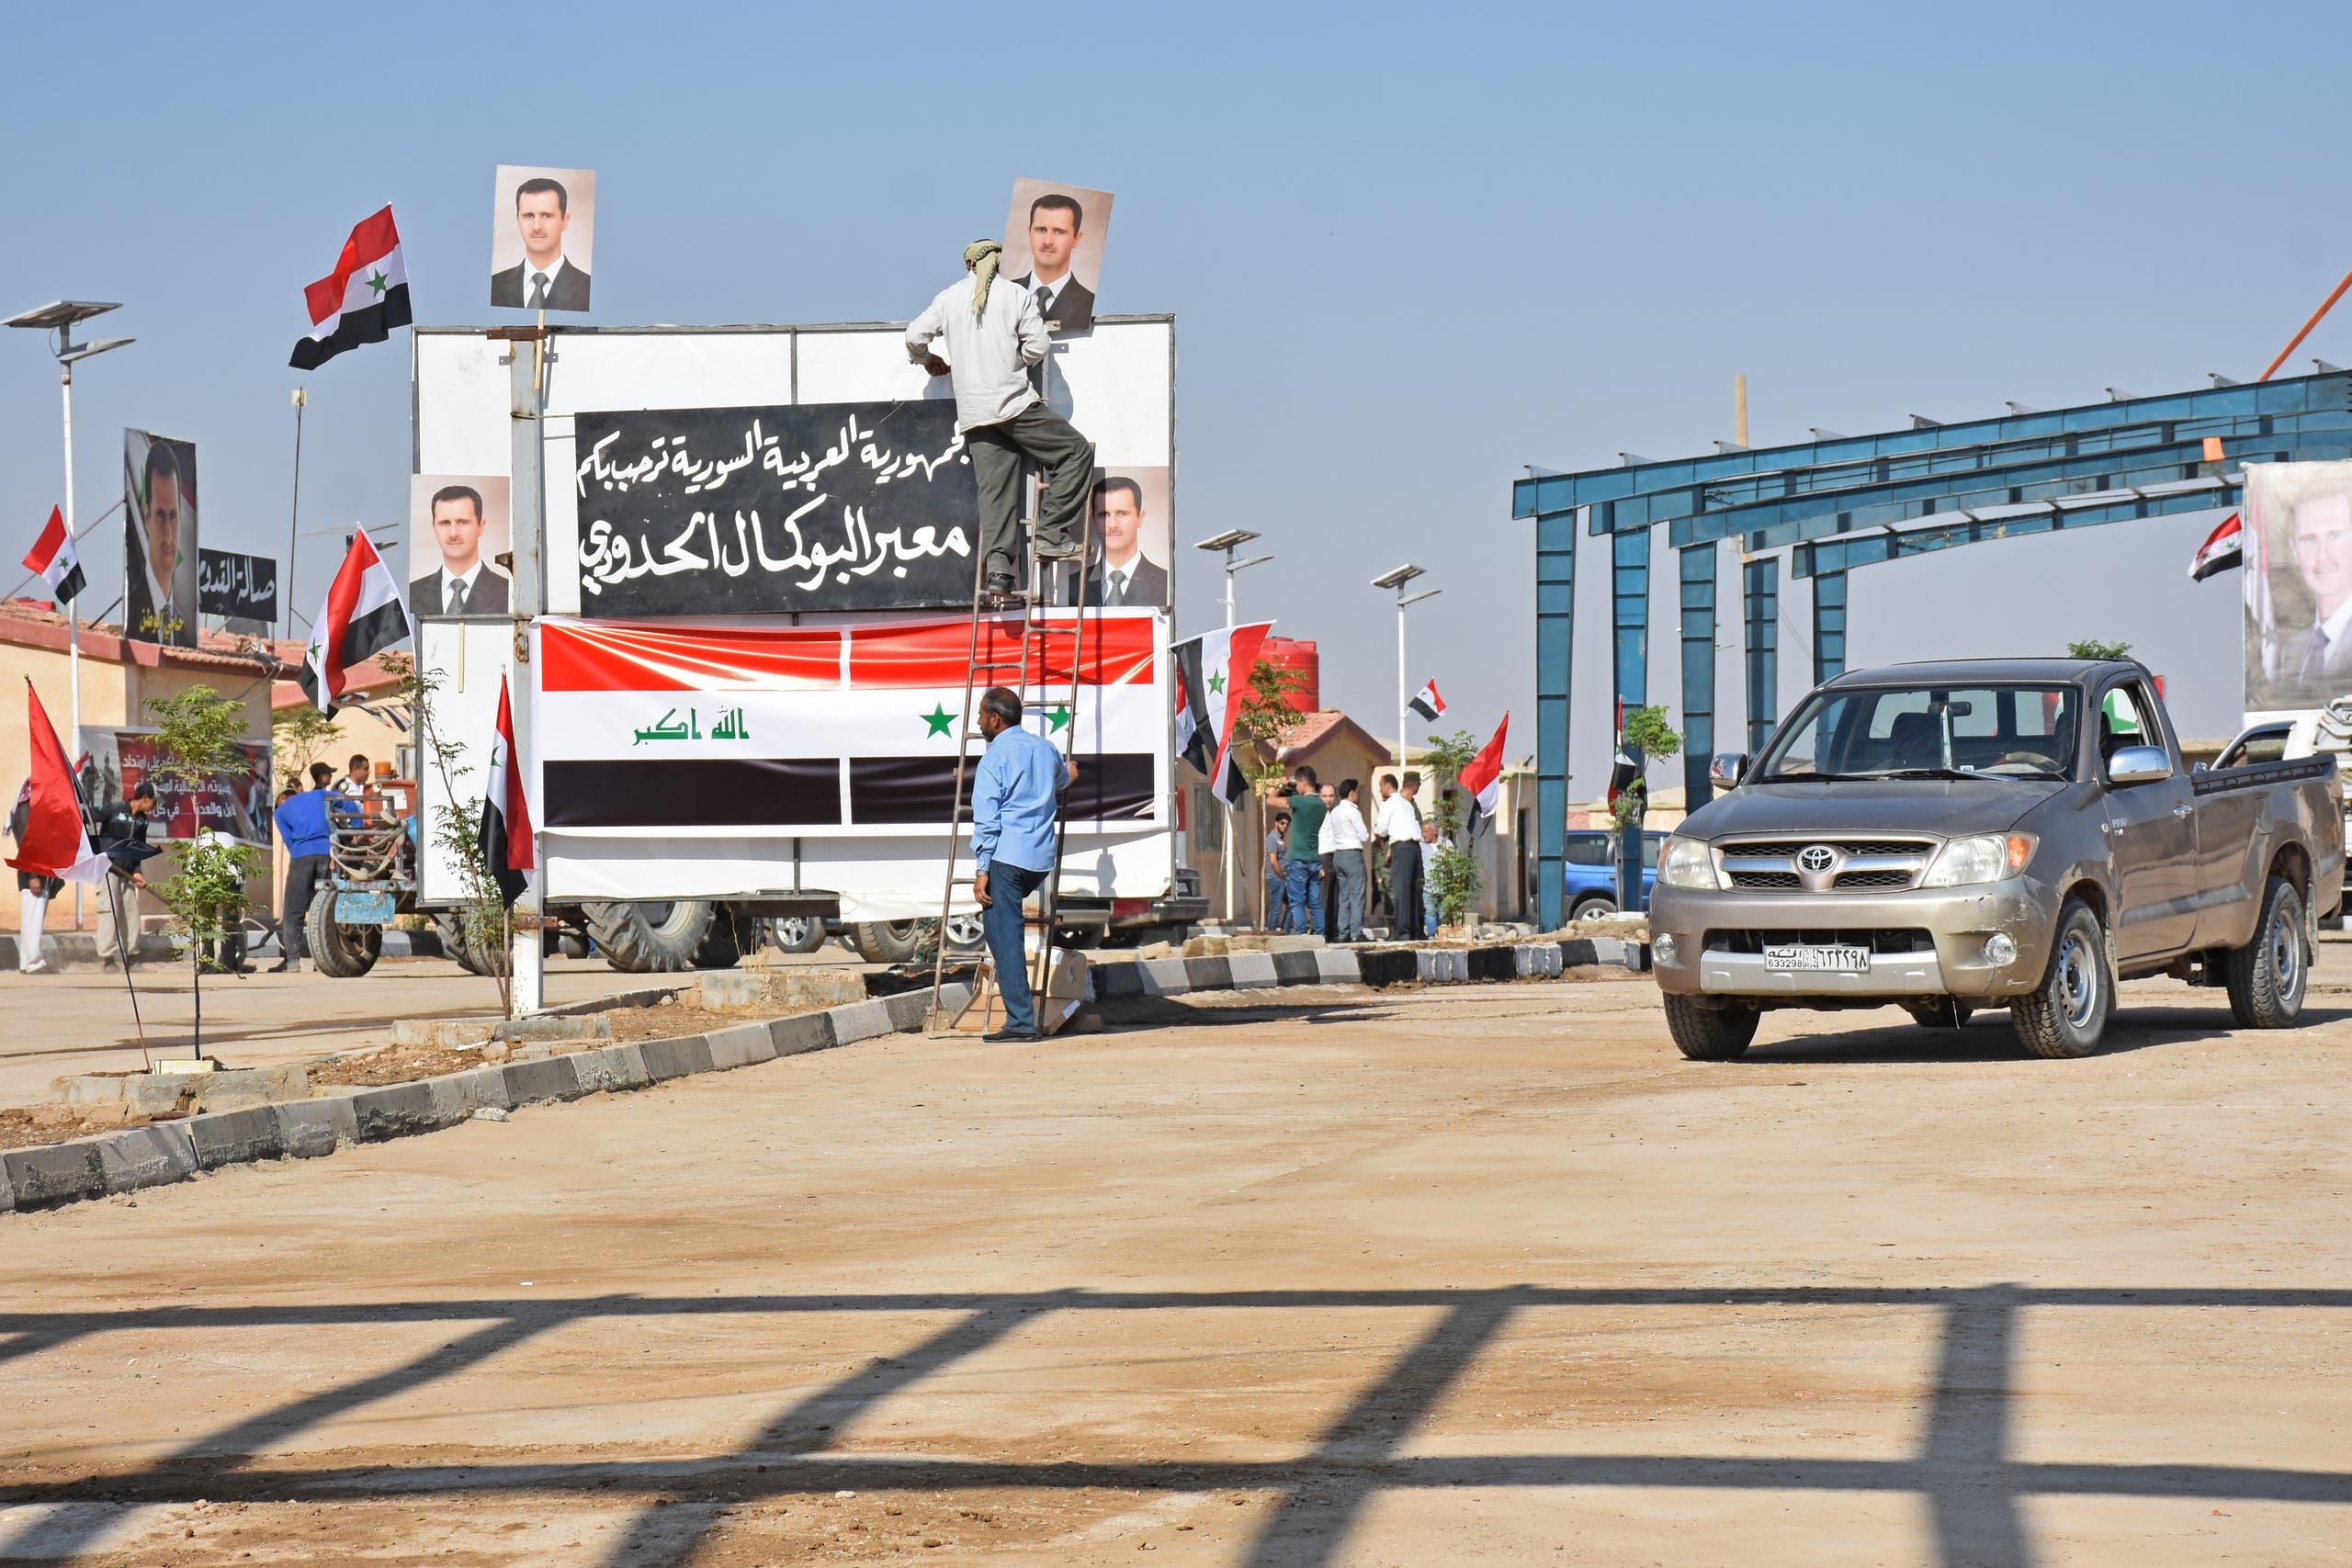 معبر القائم الحدودي بين العراق وسوريا (فرانس برس)